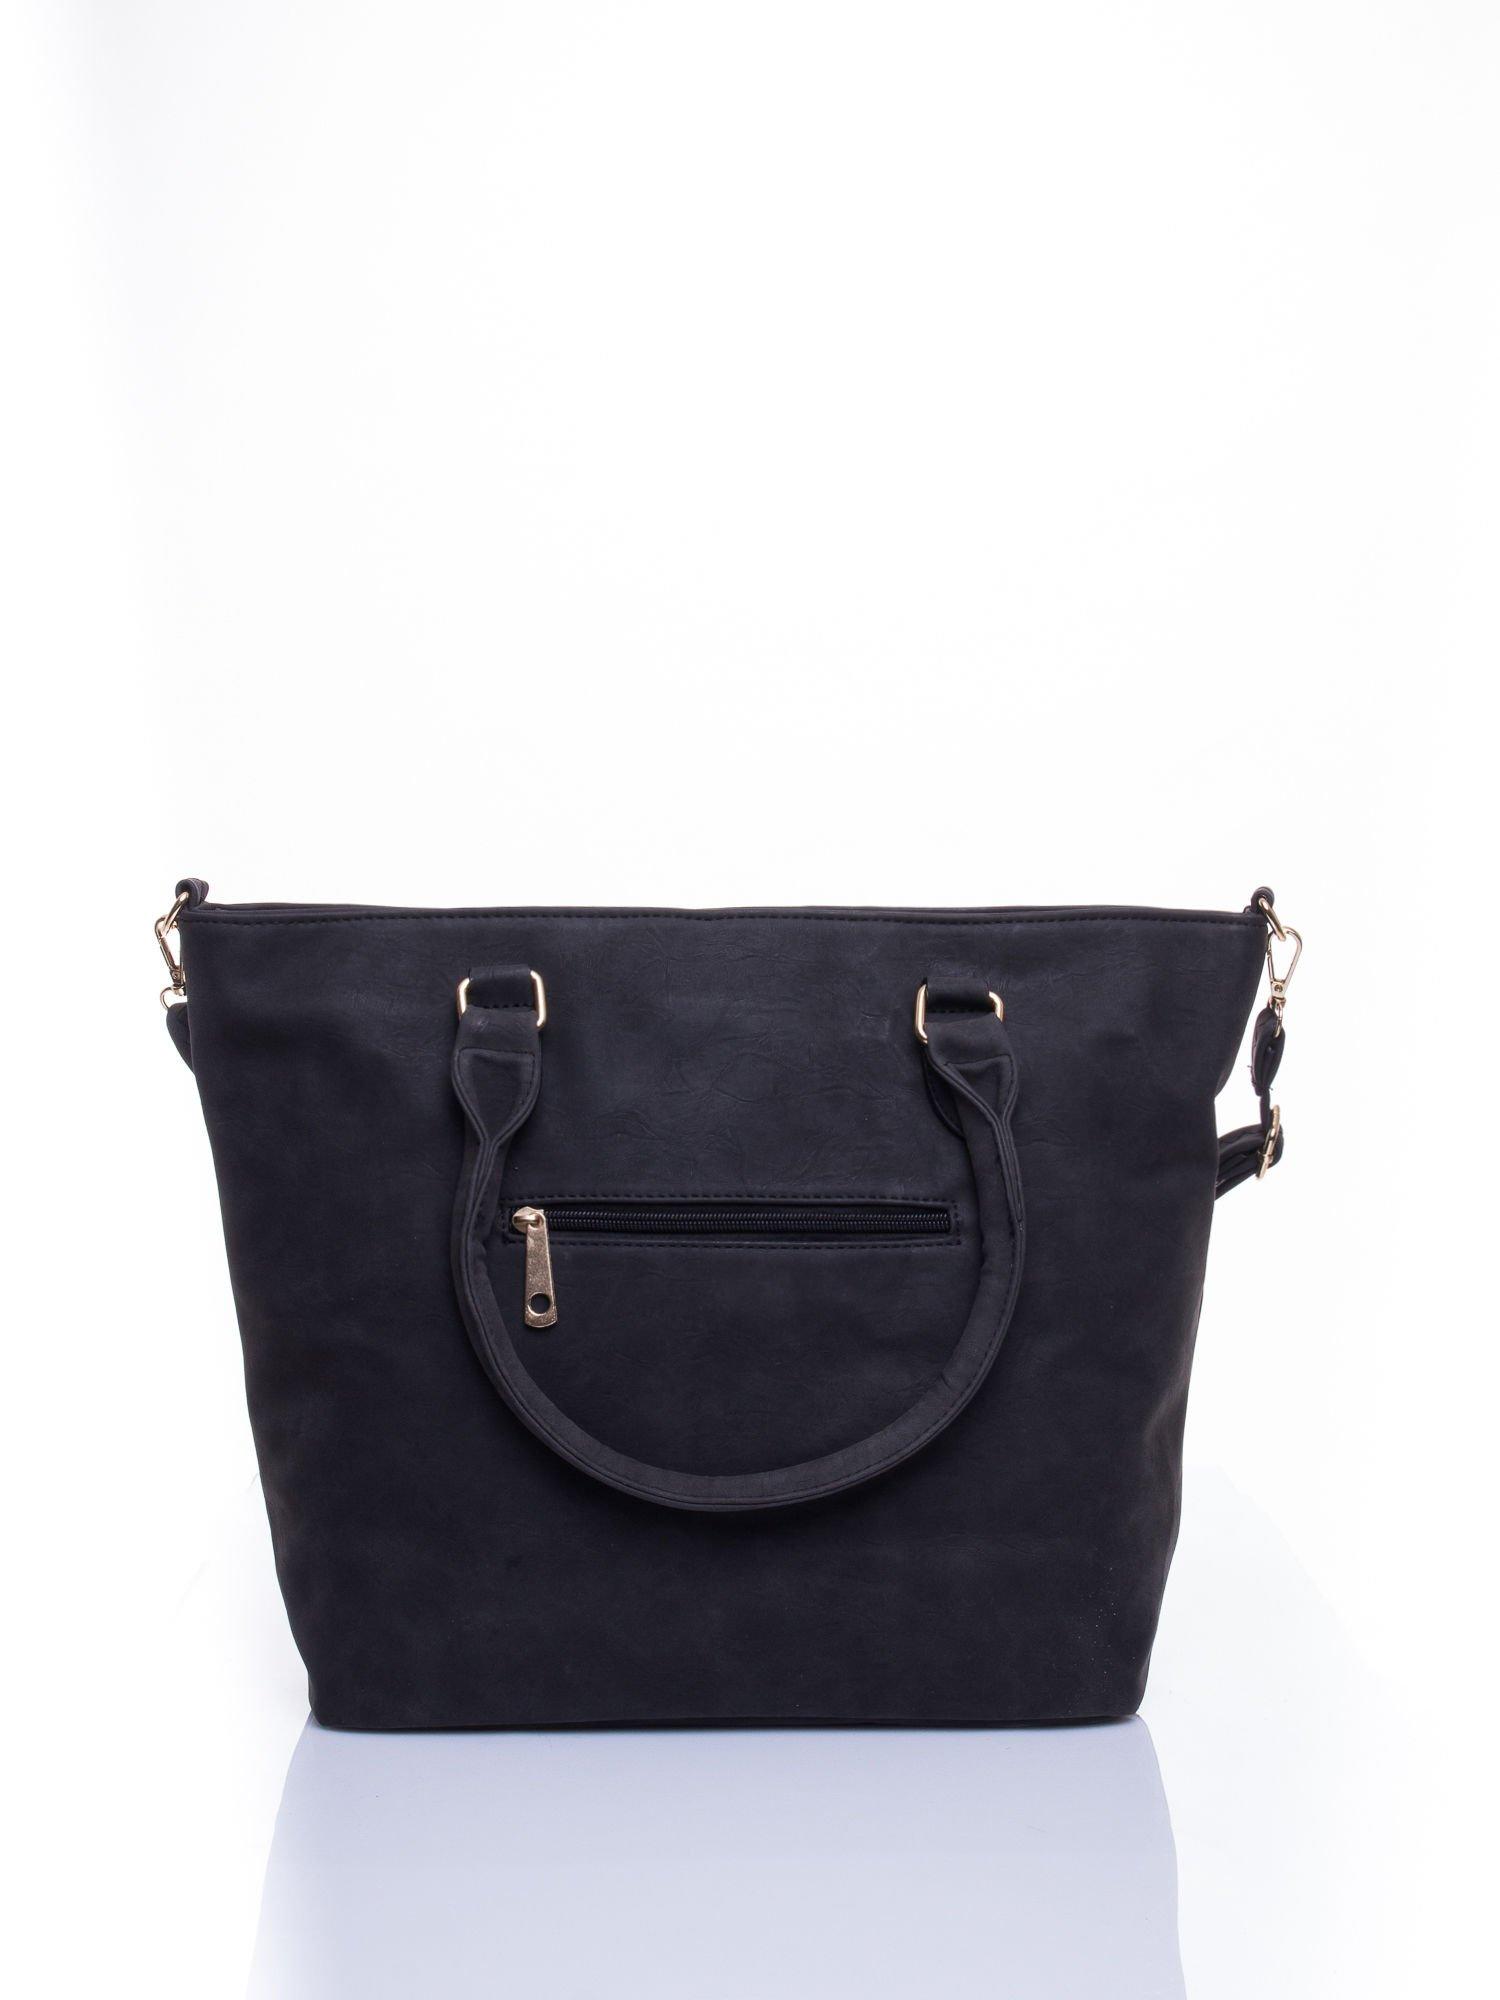 Czarna torba city bag na ramię                                  zdj.                                  2